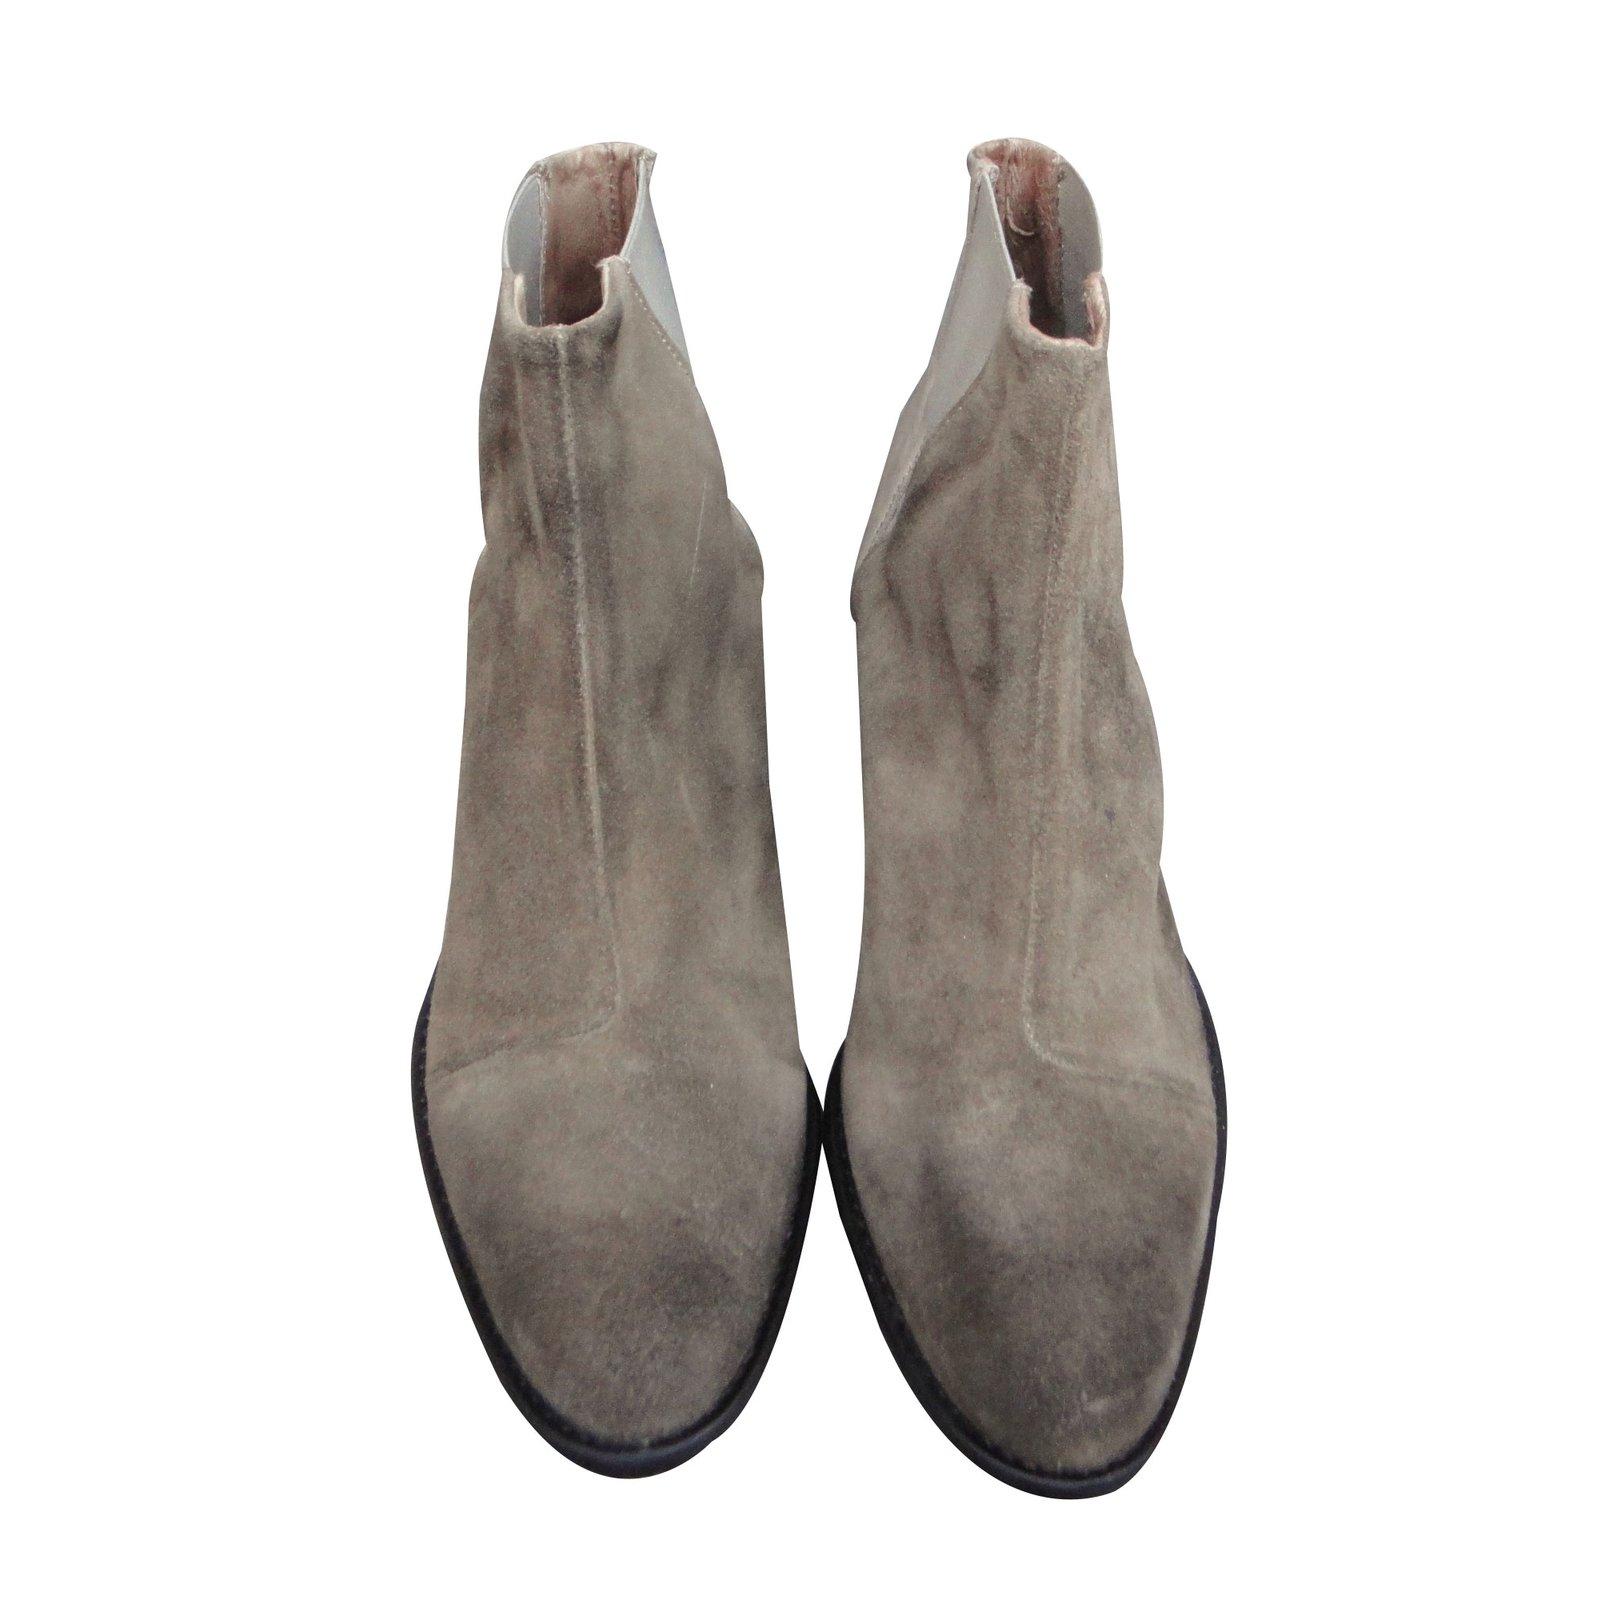 ed968846e8bb86 Diesel Ankle Boots Ankle Boots Deerskin Beige ref.44003 - Joli Closet